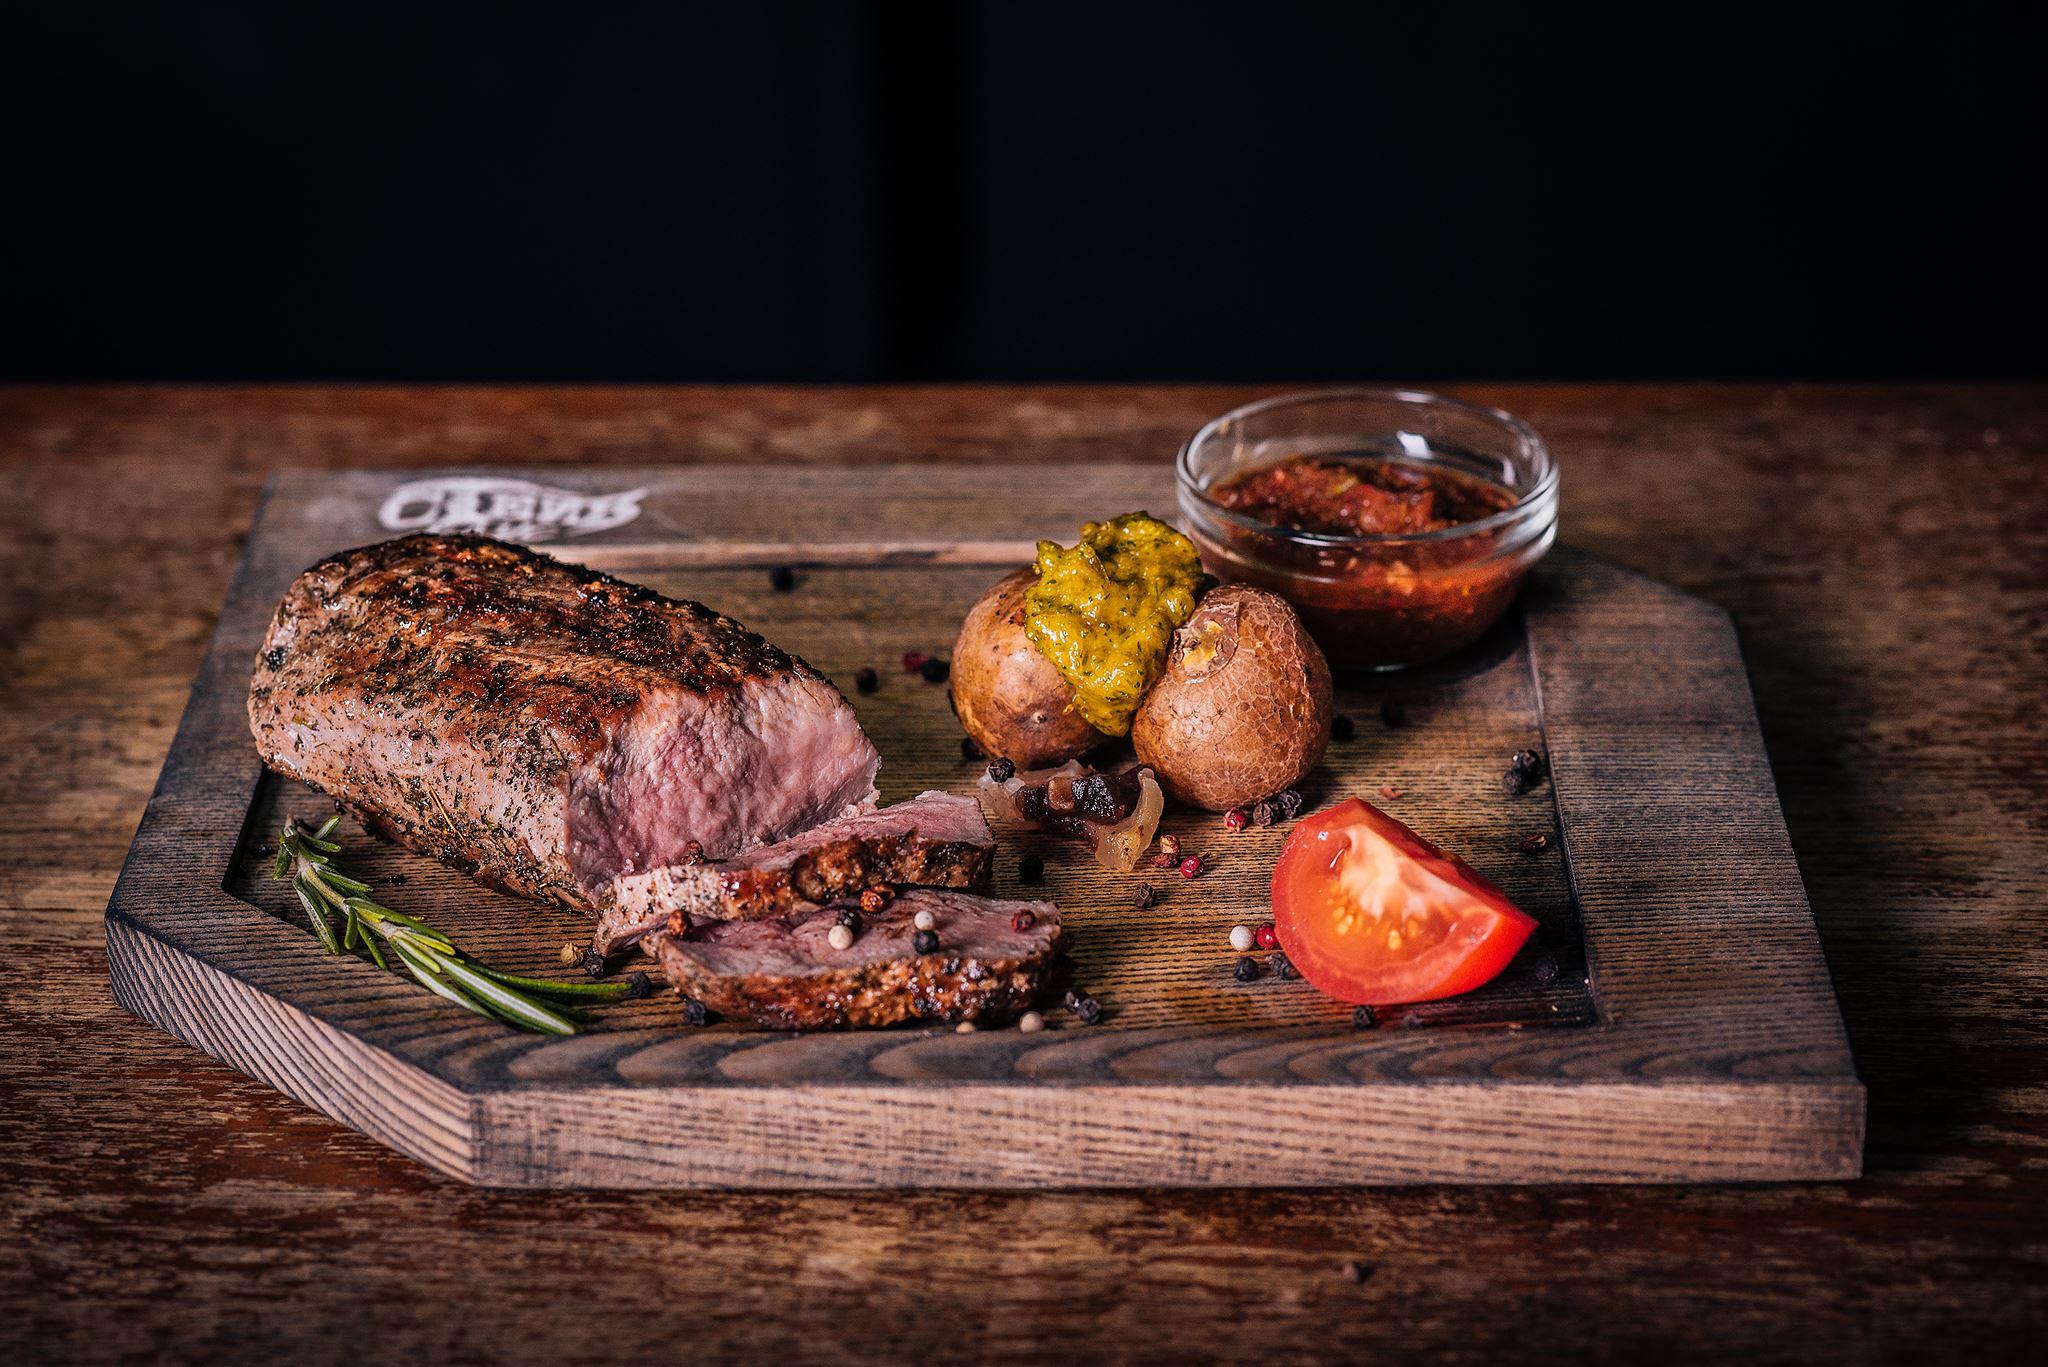 ВІДЕО🎥 Обери шмат м'яса і грай, поки готують твій стейк!